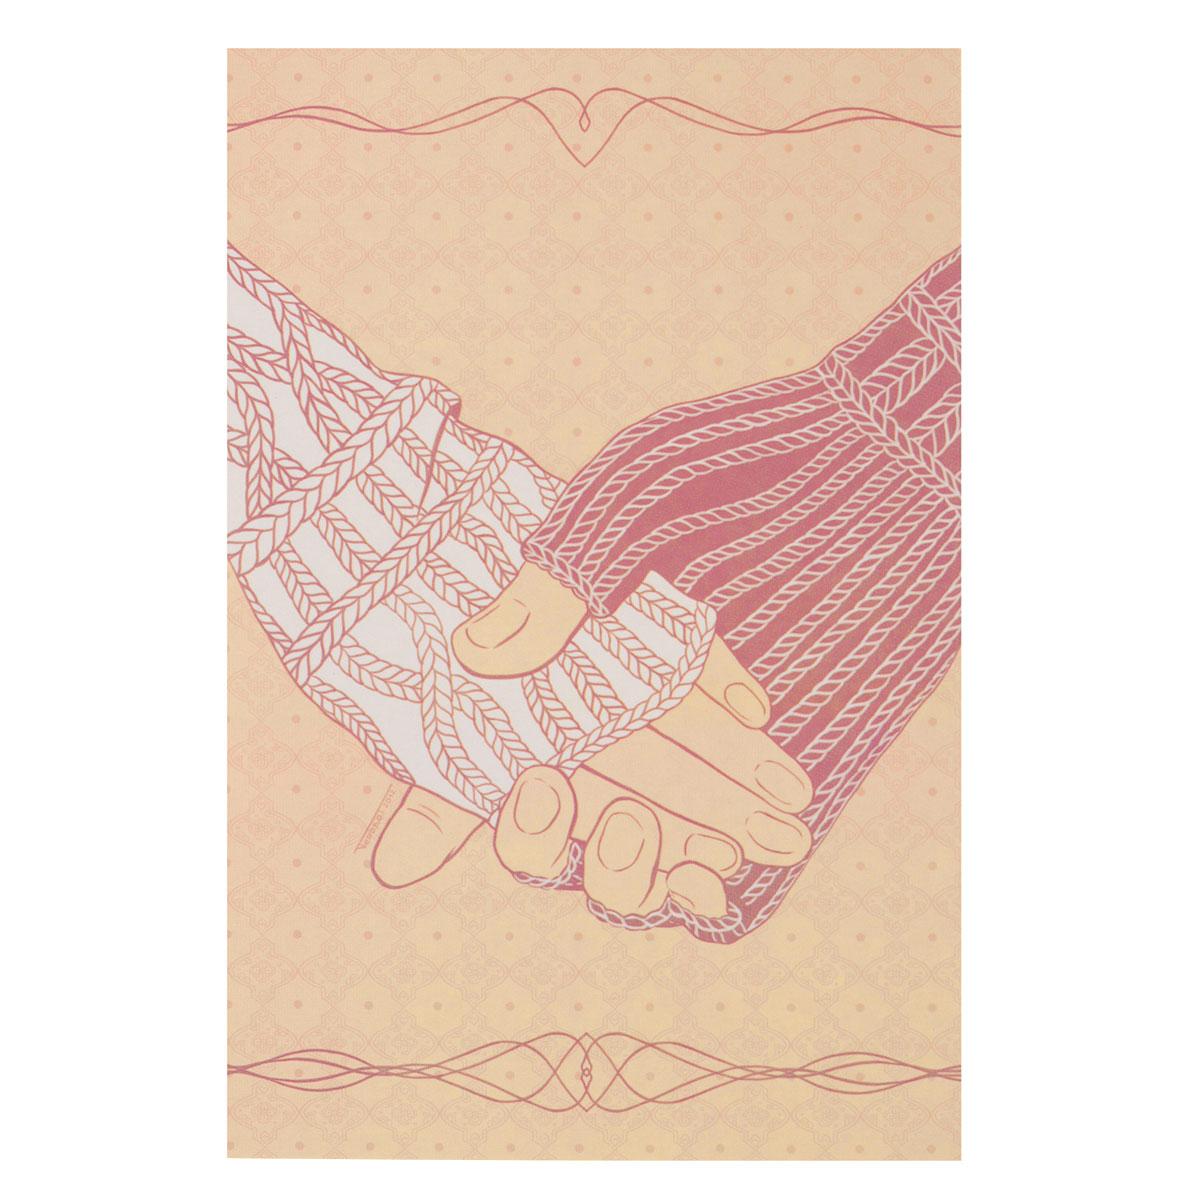 Открытка Свяжемся. Автор Татьяна ПероваPT10-023Оригинальная дизайнерская открытка Свяжемся выполнена из плотного матового картона. На лицевой стороне расположена репродукция картины художницы Татьяны Перовой с изображением рук в вязаных варежках. Такая открытка станет великолепным дополнением к подарку или оригинальным почтовым посланием, которое, несомненно, удивит получателя своим дизайном и подарит приятные воспоминания.